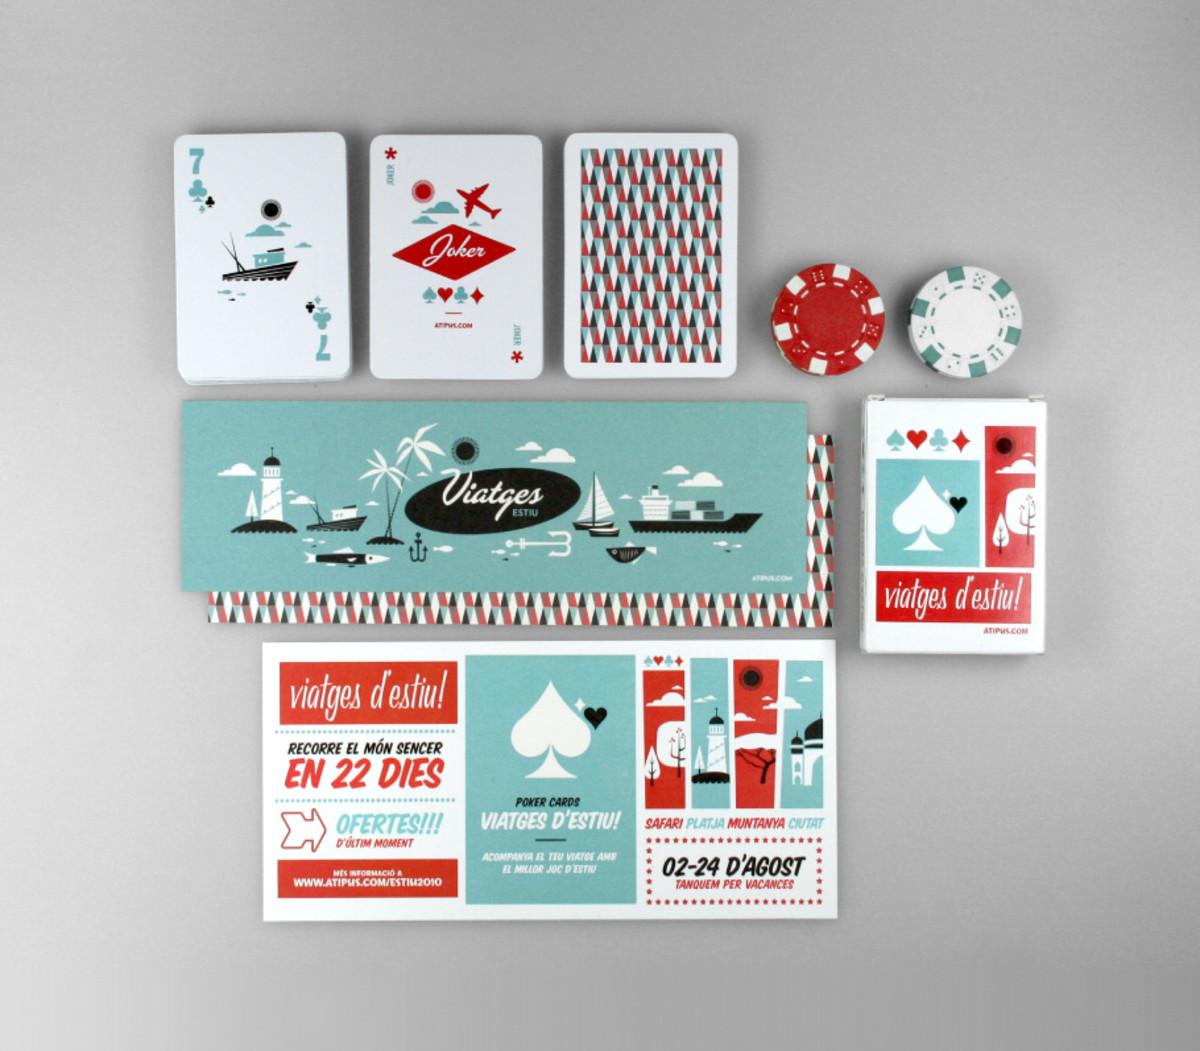 atipus_cartes_01